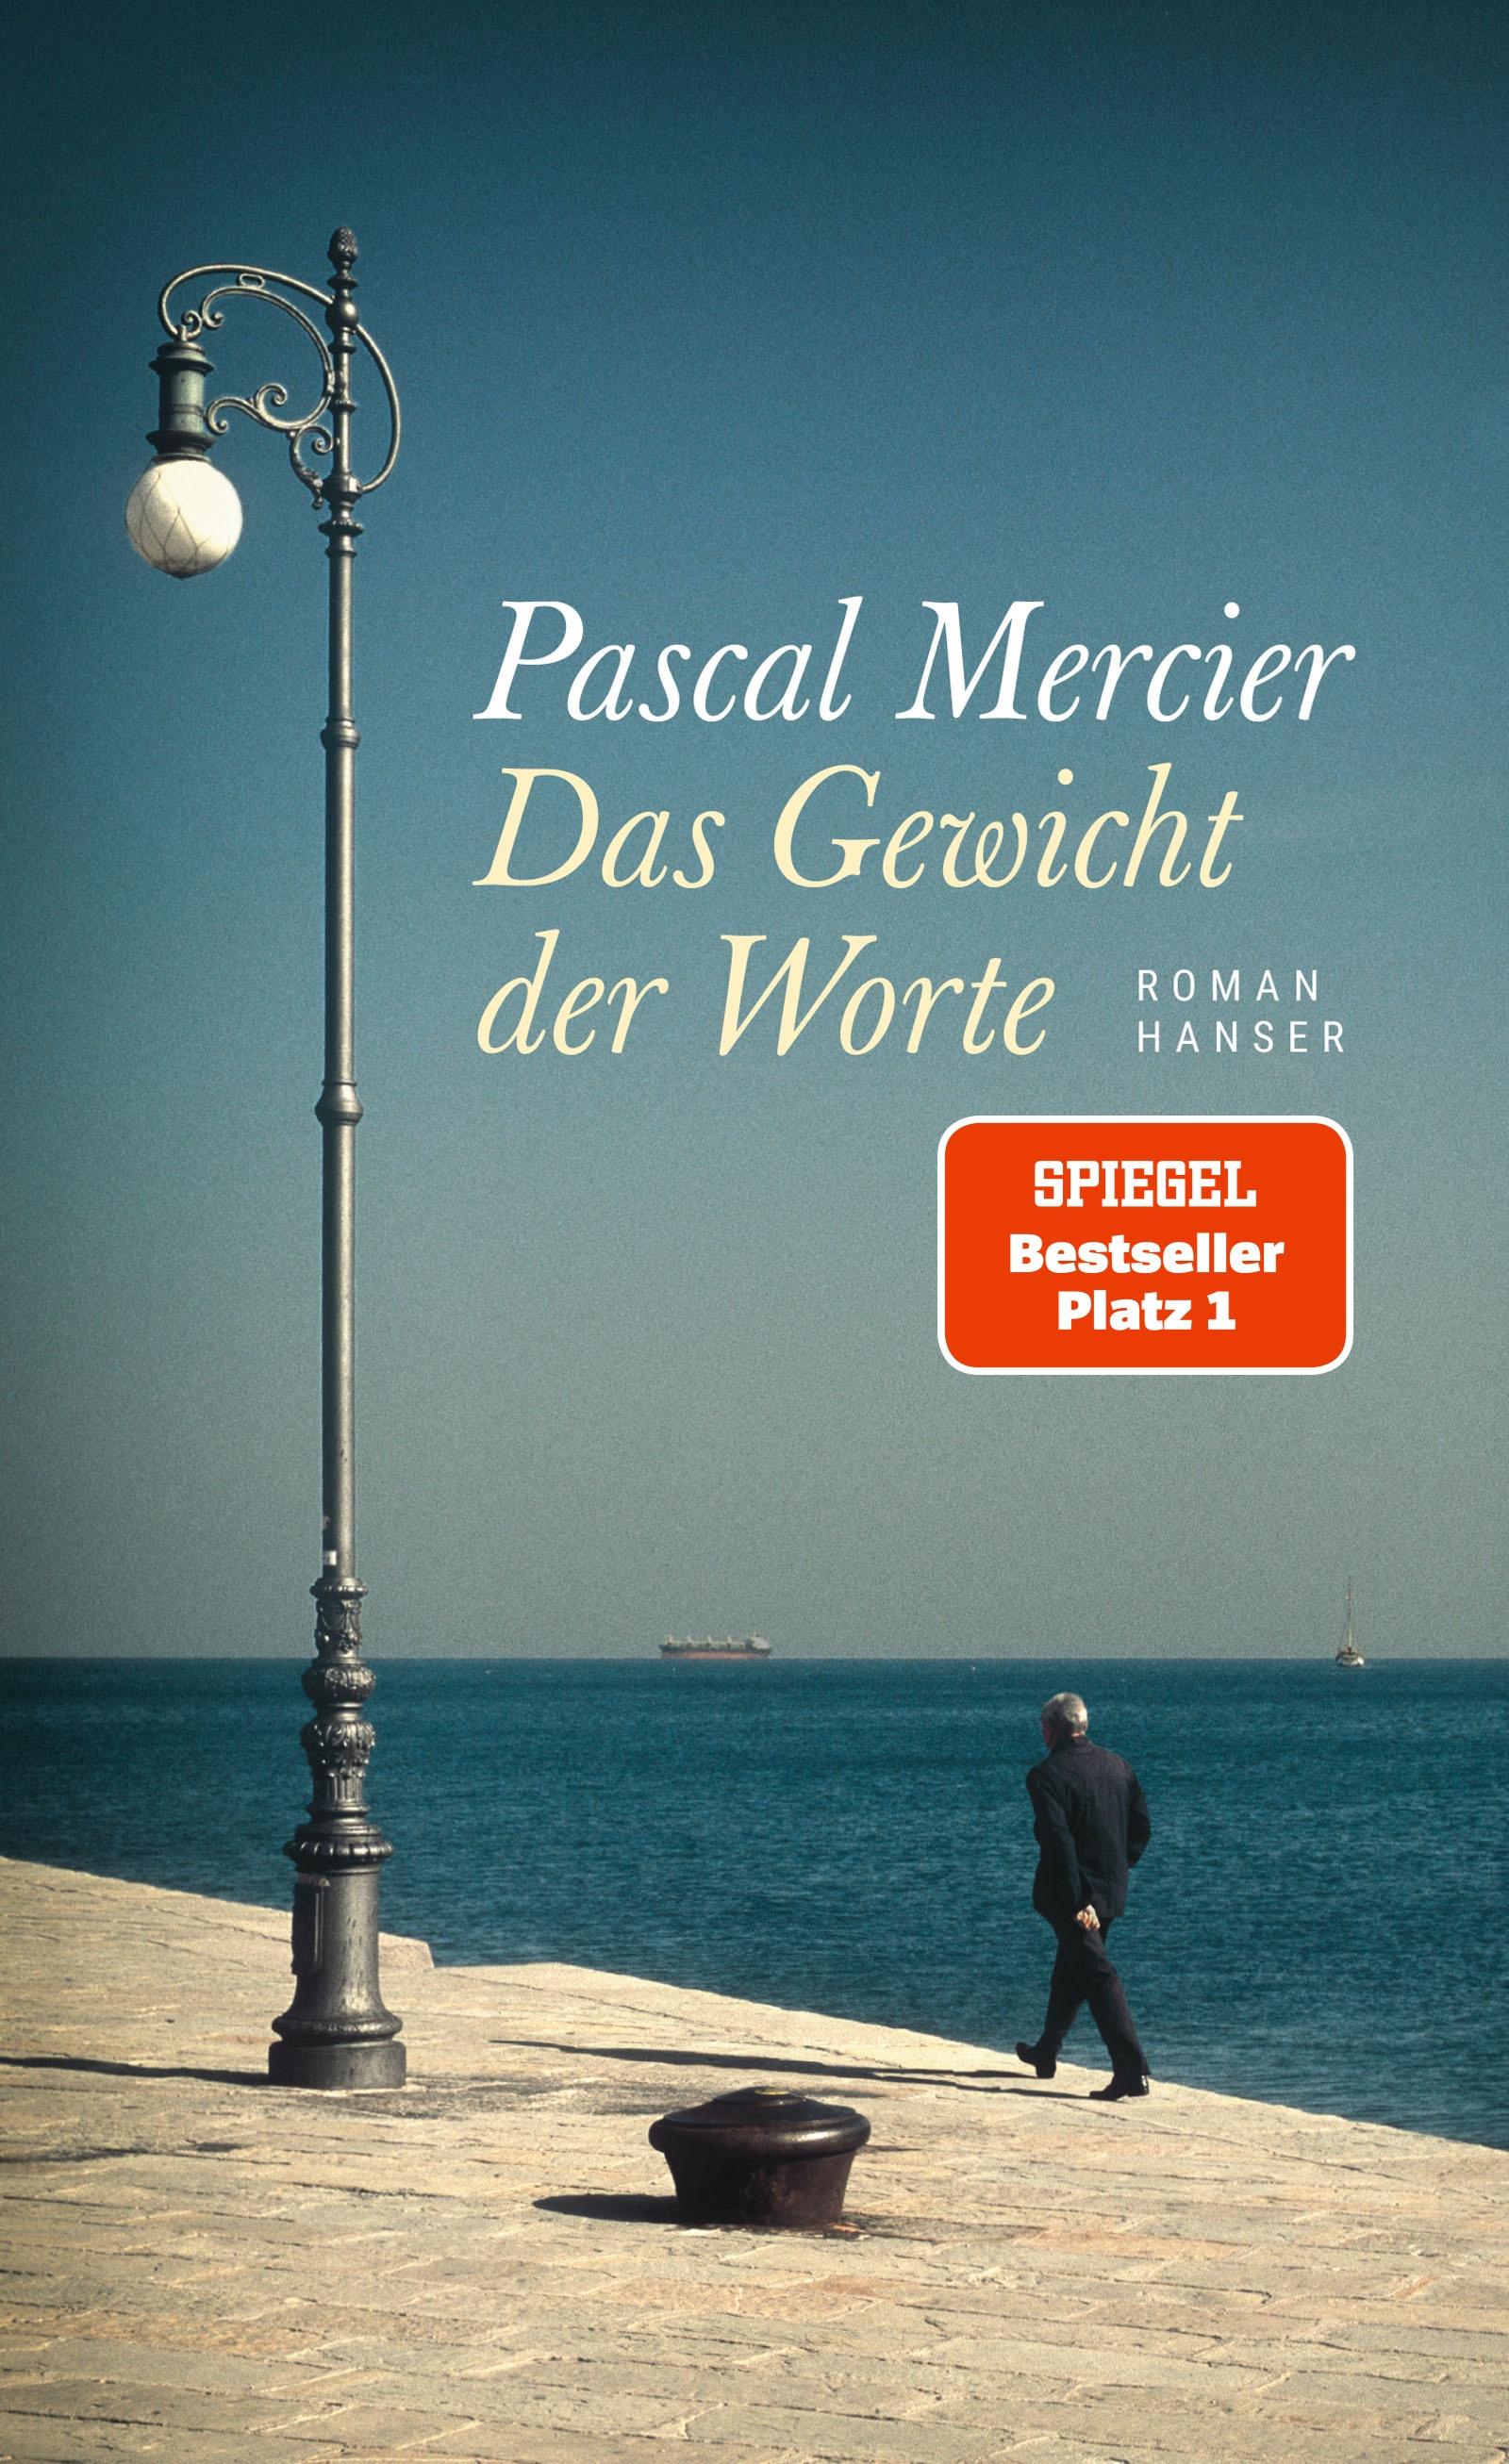 https://www.hanser-literaturverlage.de/buch/das-gewicht-der-worte/978-3-446-26569-1/